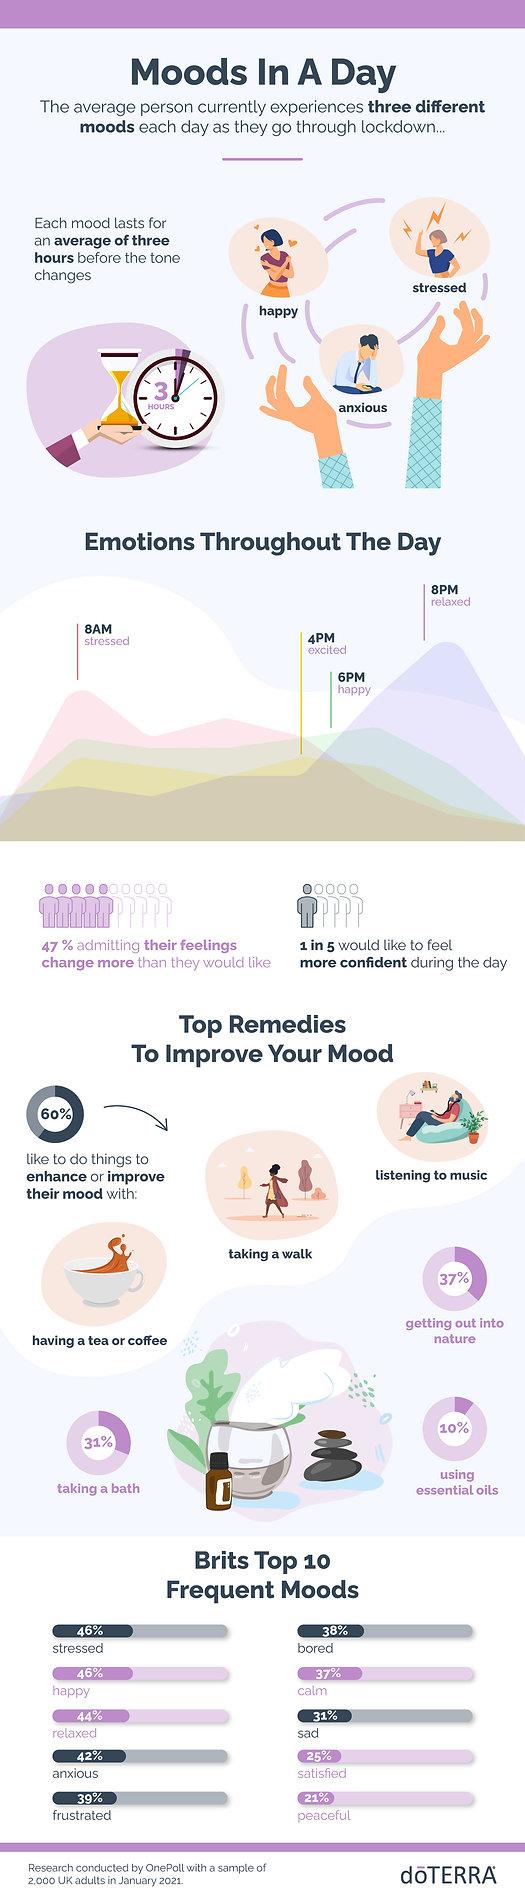 doTerra_infographic_v2.jpg